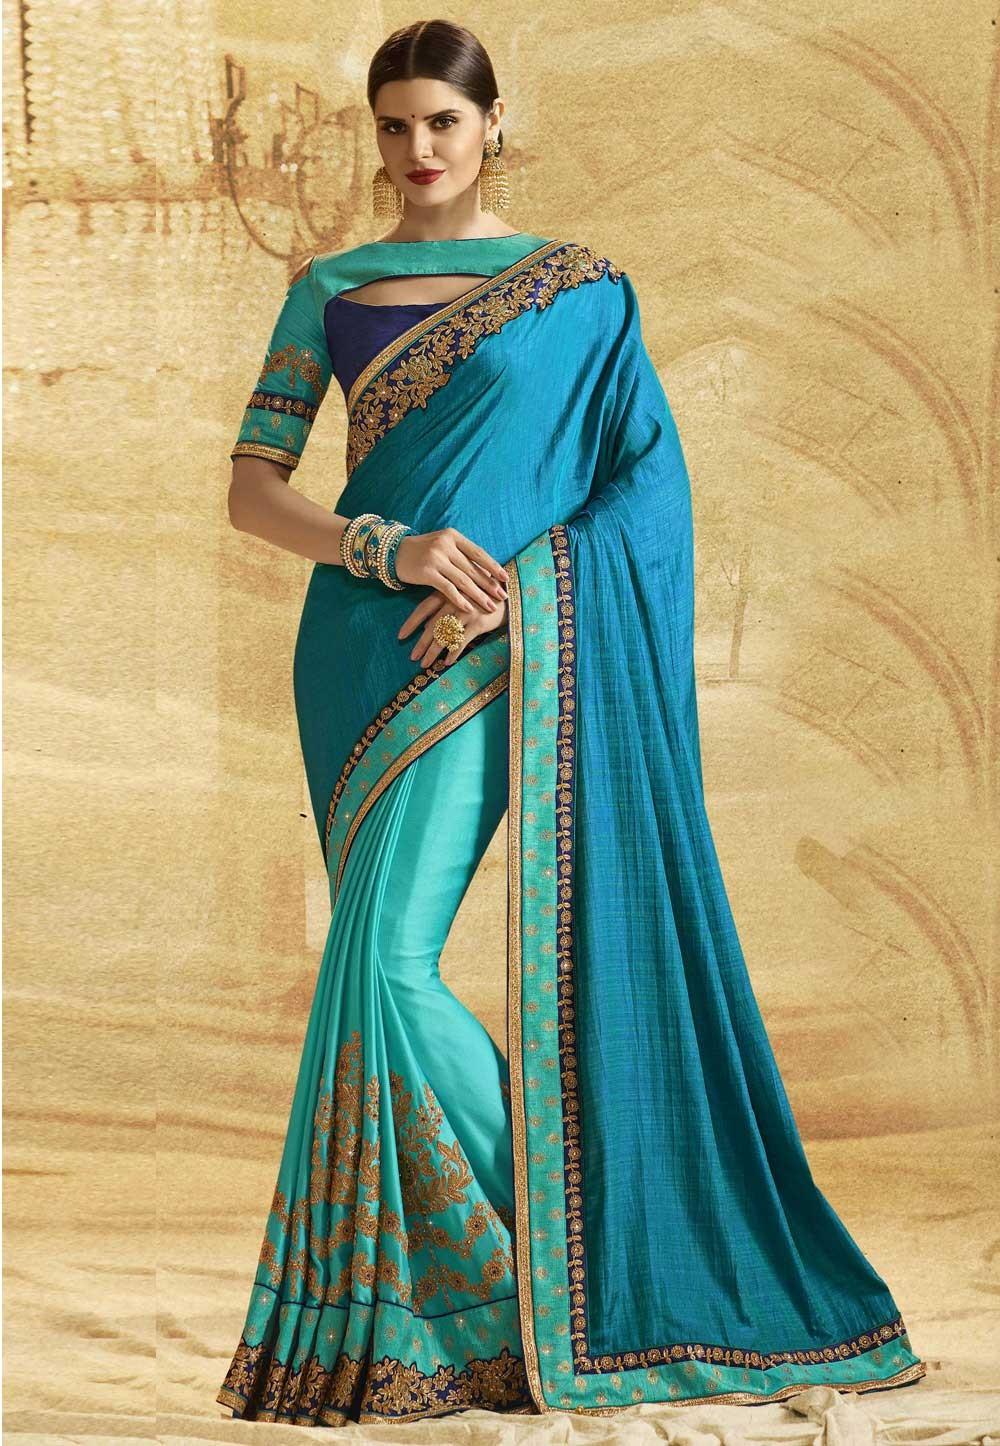 Attractive Looking Blue Color Chiffon Saree